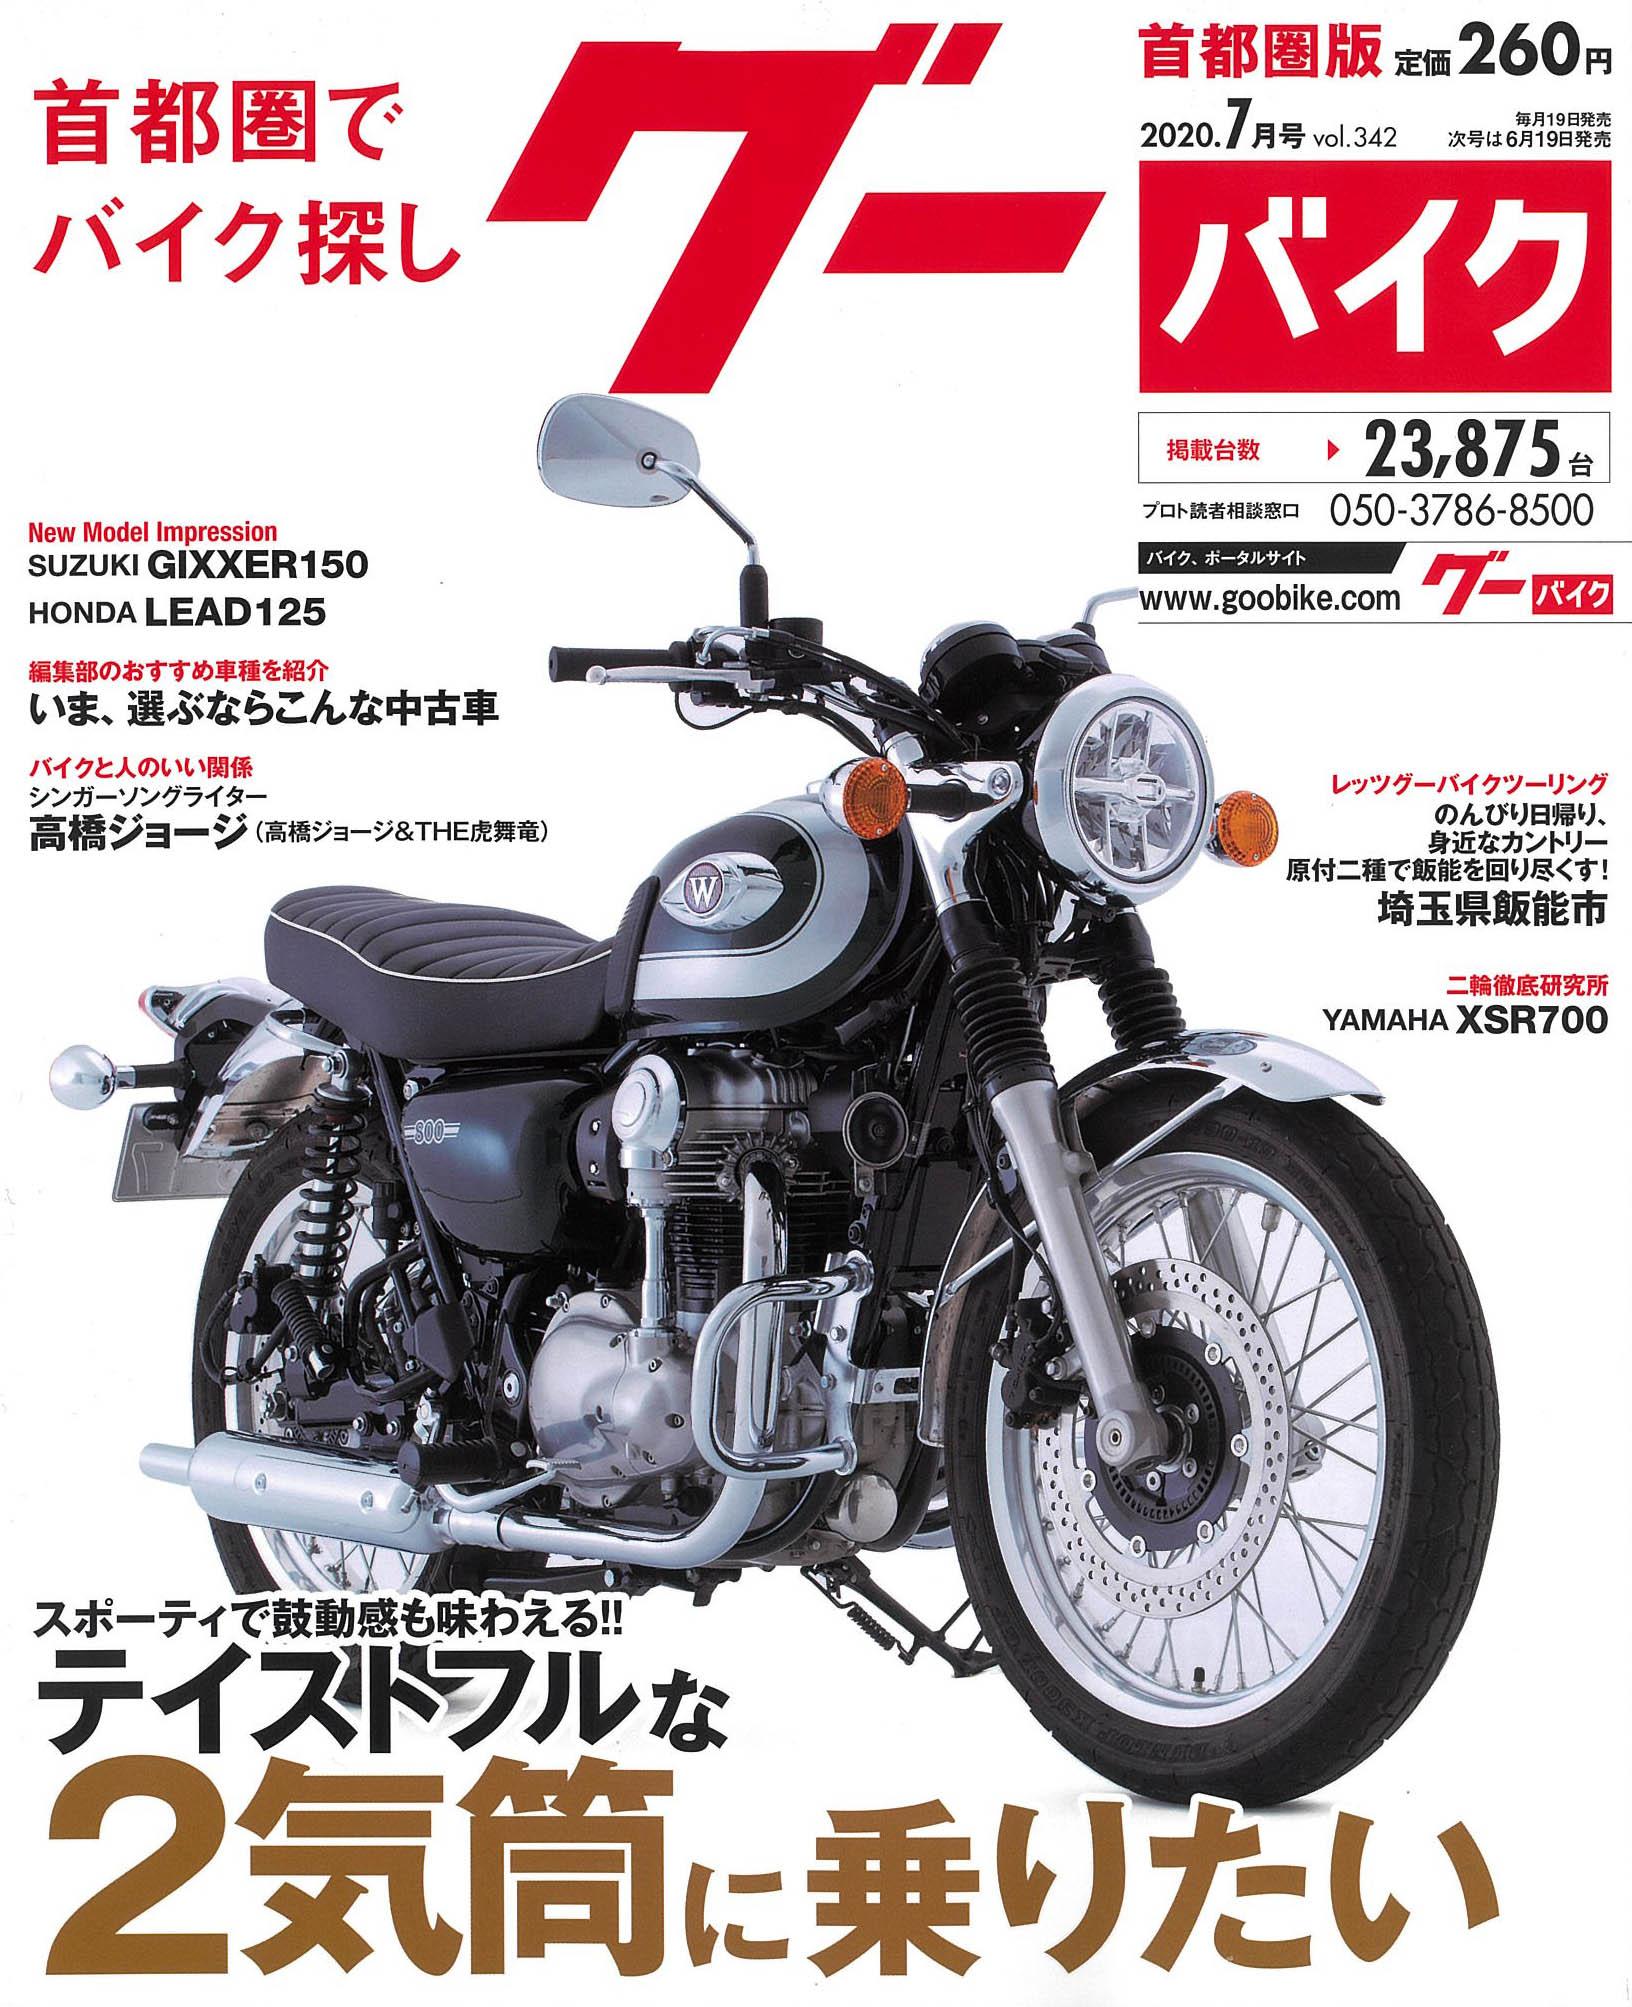 【グーバイク7月号掲載】FANTIC CABALLERO FlatTrack250